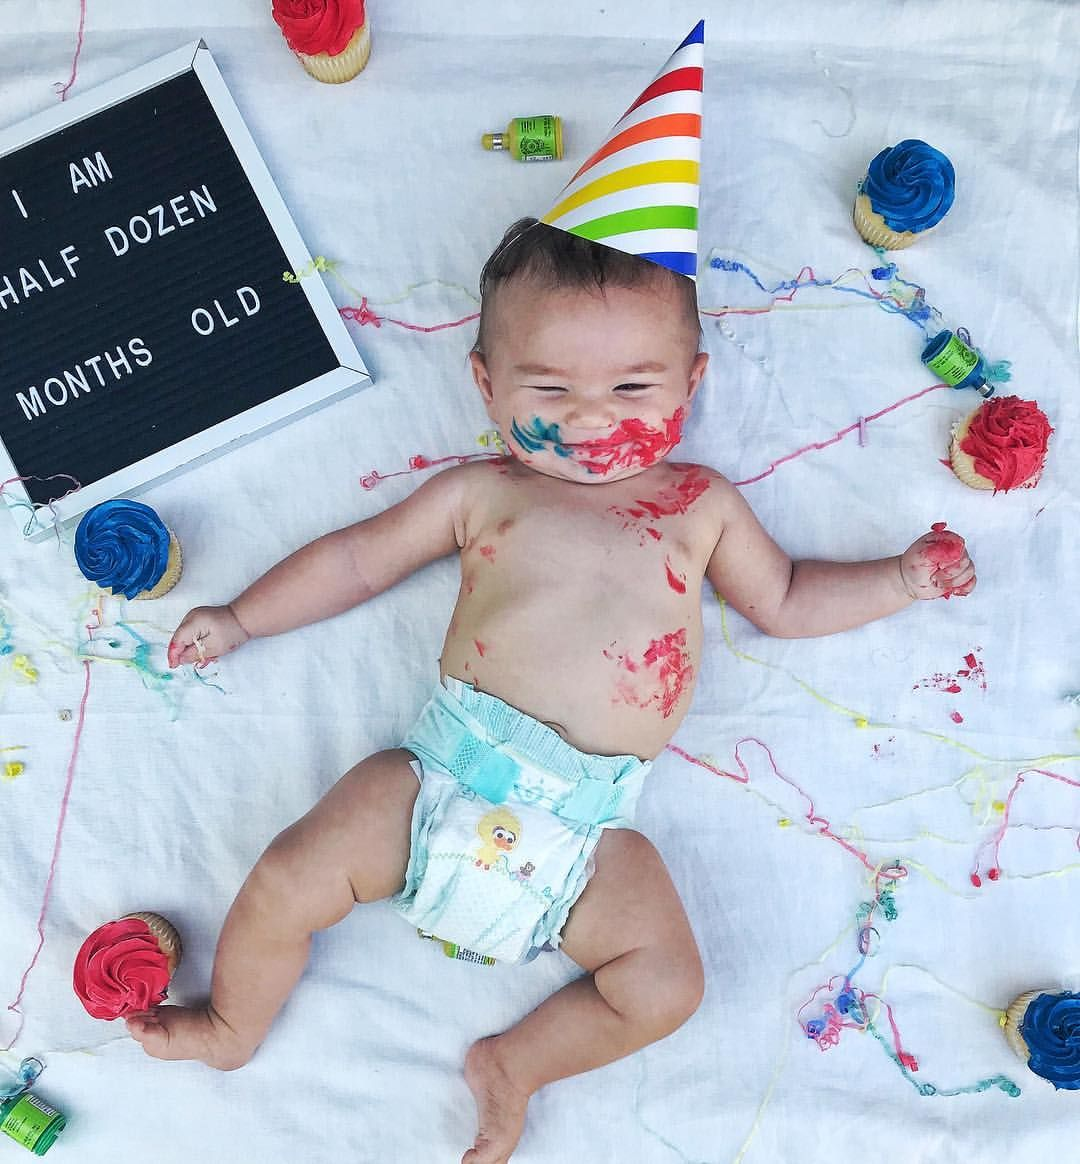 6 Month Baby Pictures Monthly Baby Picture Ideas Half Dozen Months Old Half Birthday T Half Birthday Baby Monthly Baby Pictures 6 Month Baby Picture Ideas